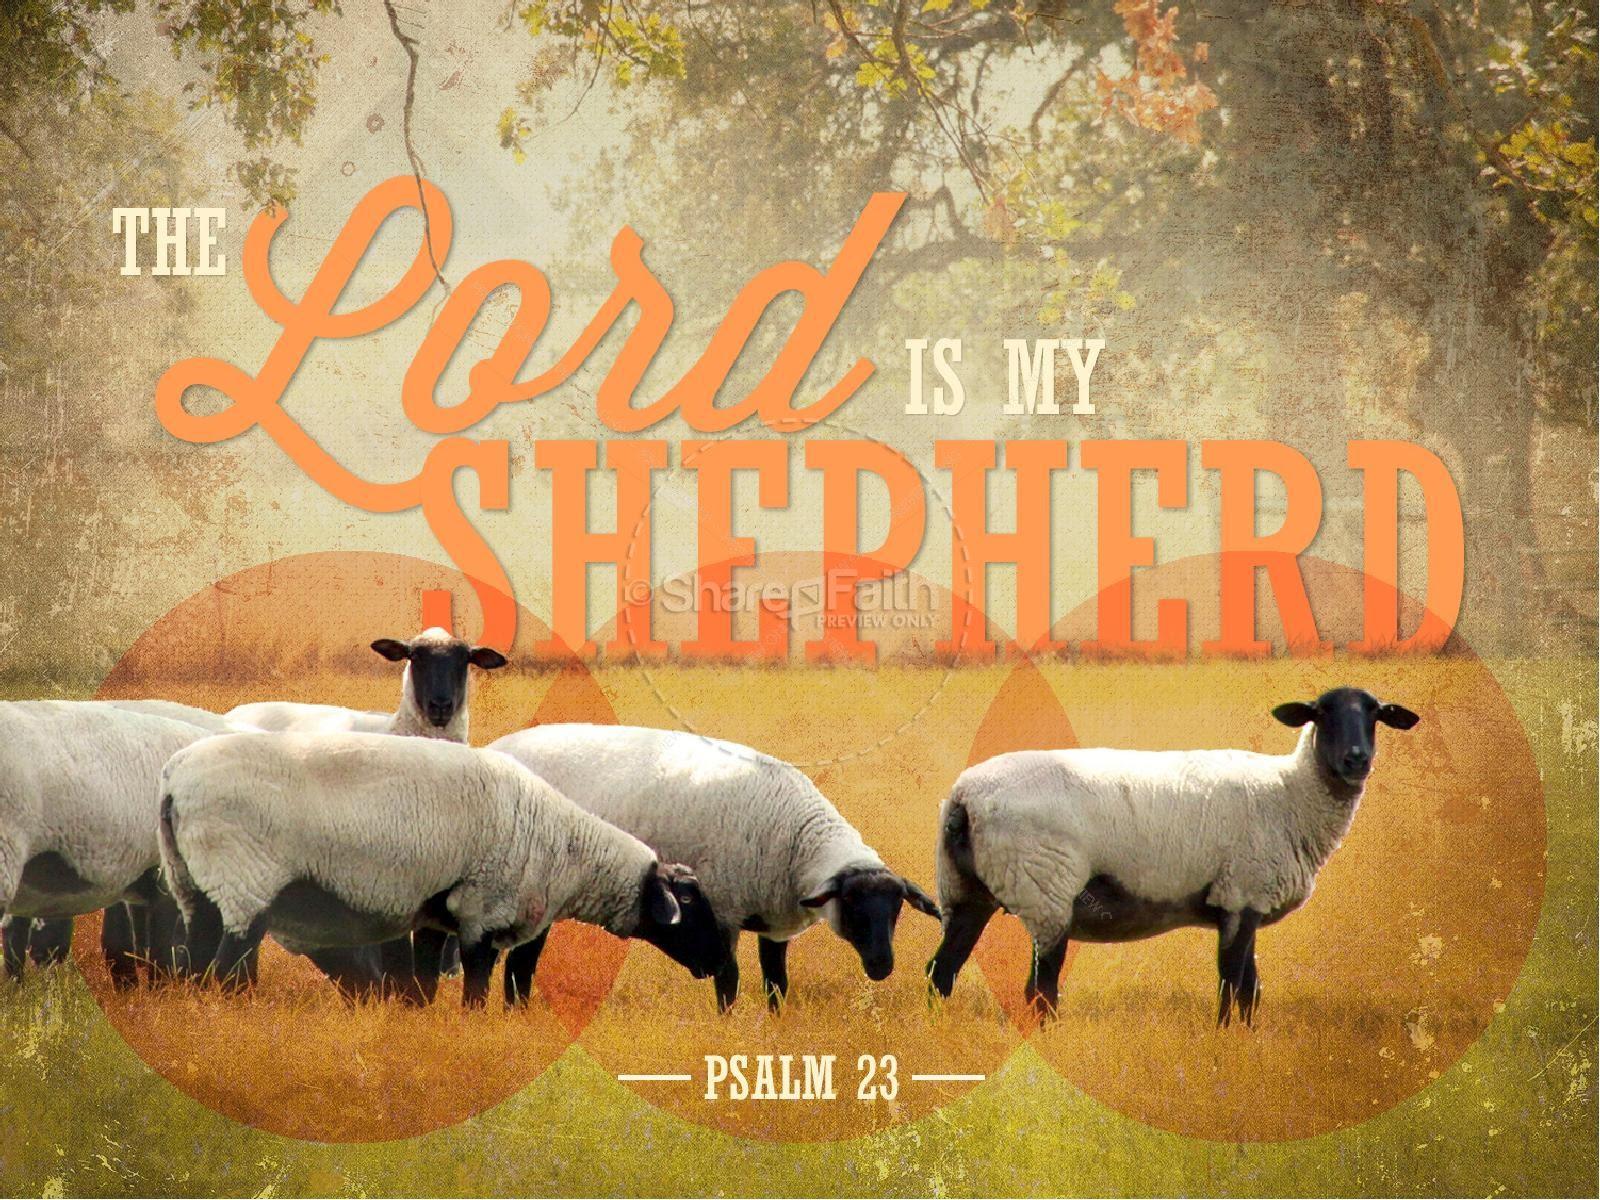 Sharefaith Church Websites Church Graphics Sunday School Vbs